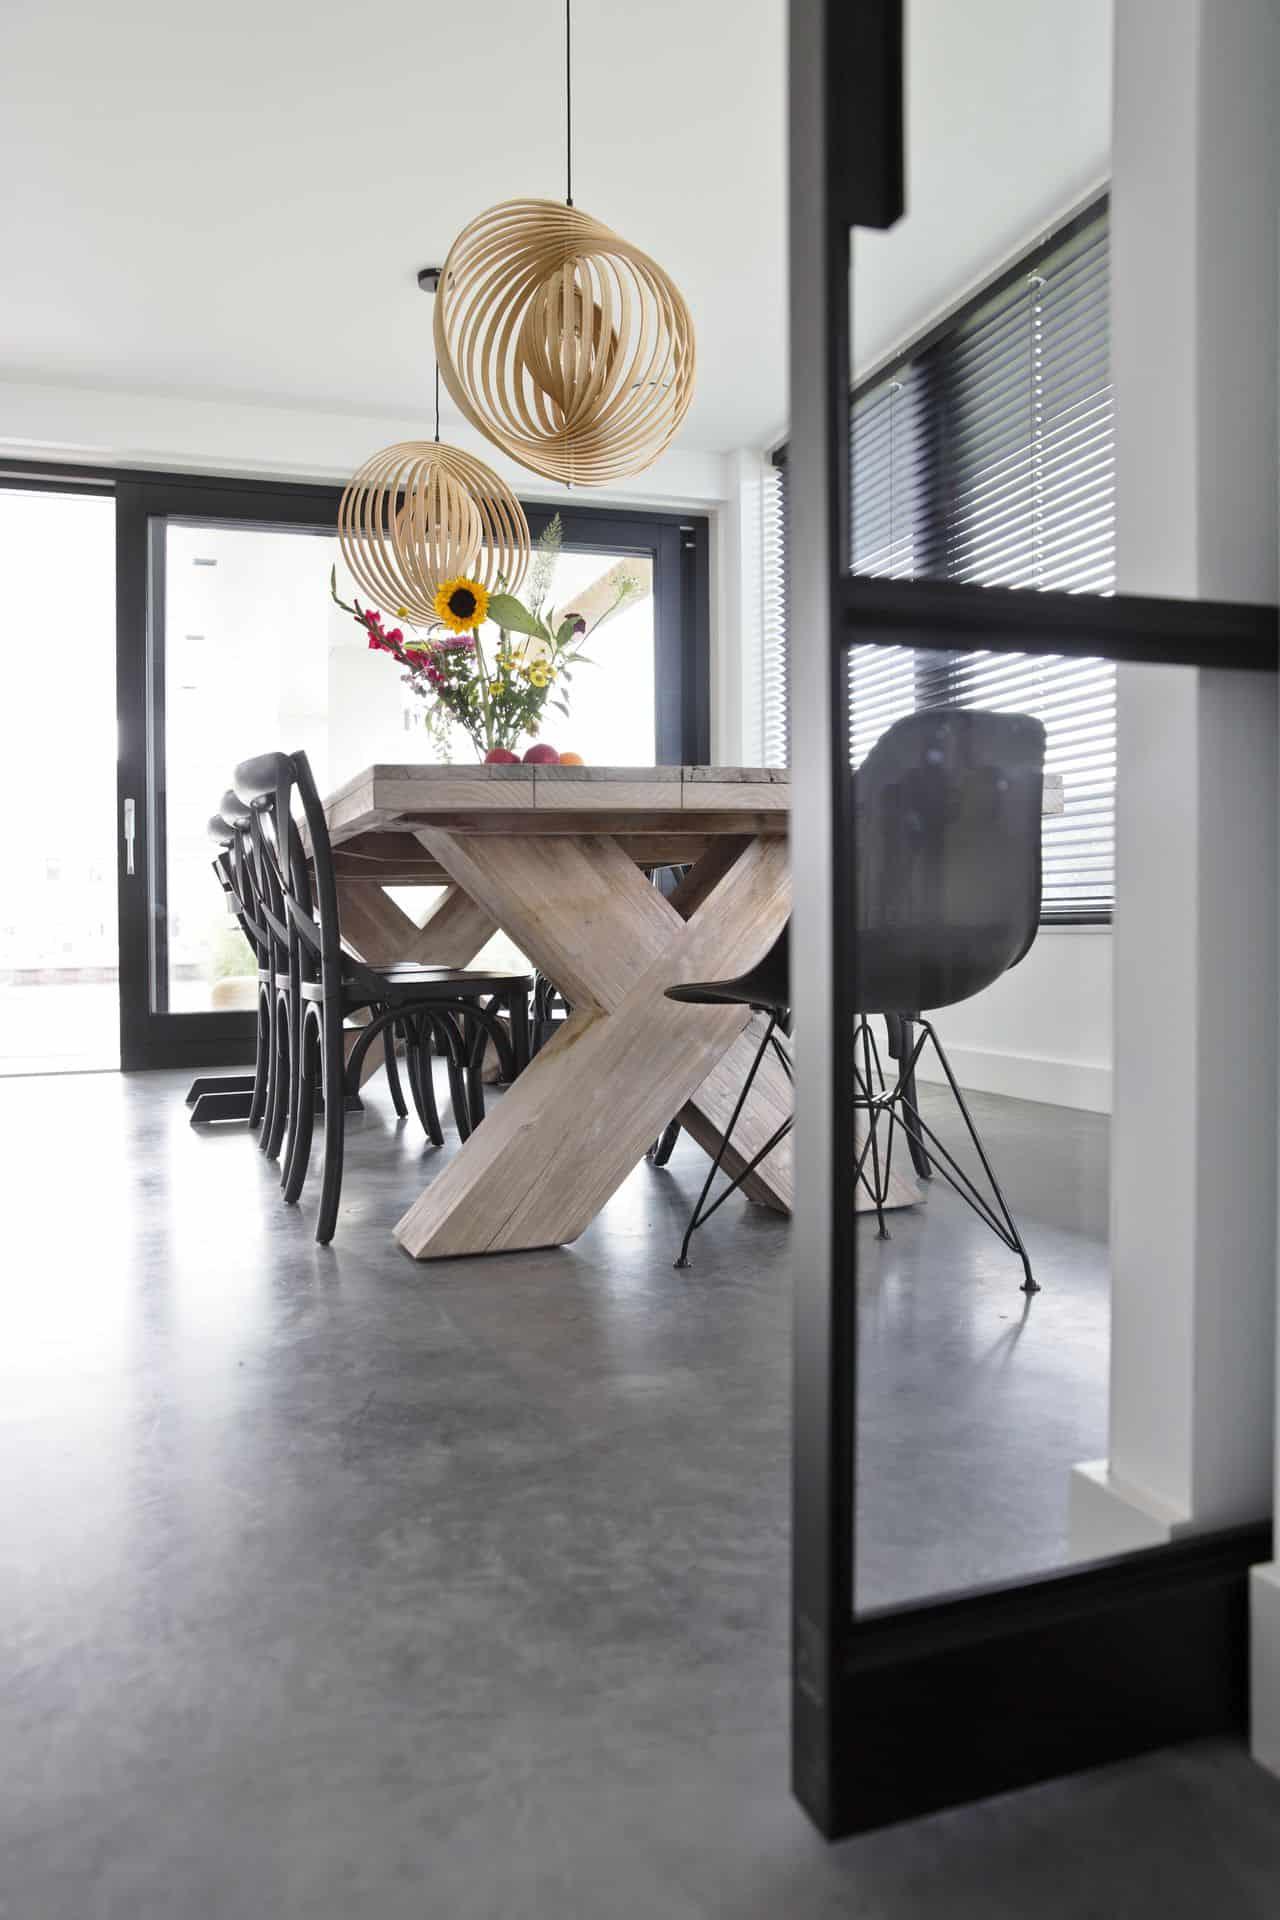 betonvloer schoonmaken, gevlinderd beton in eetgedeelte, woonbeton in eetgedeelte, eetgedeelte met betonvloer